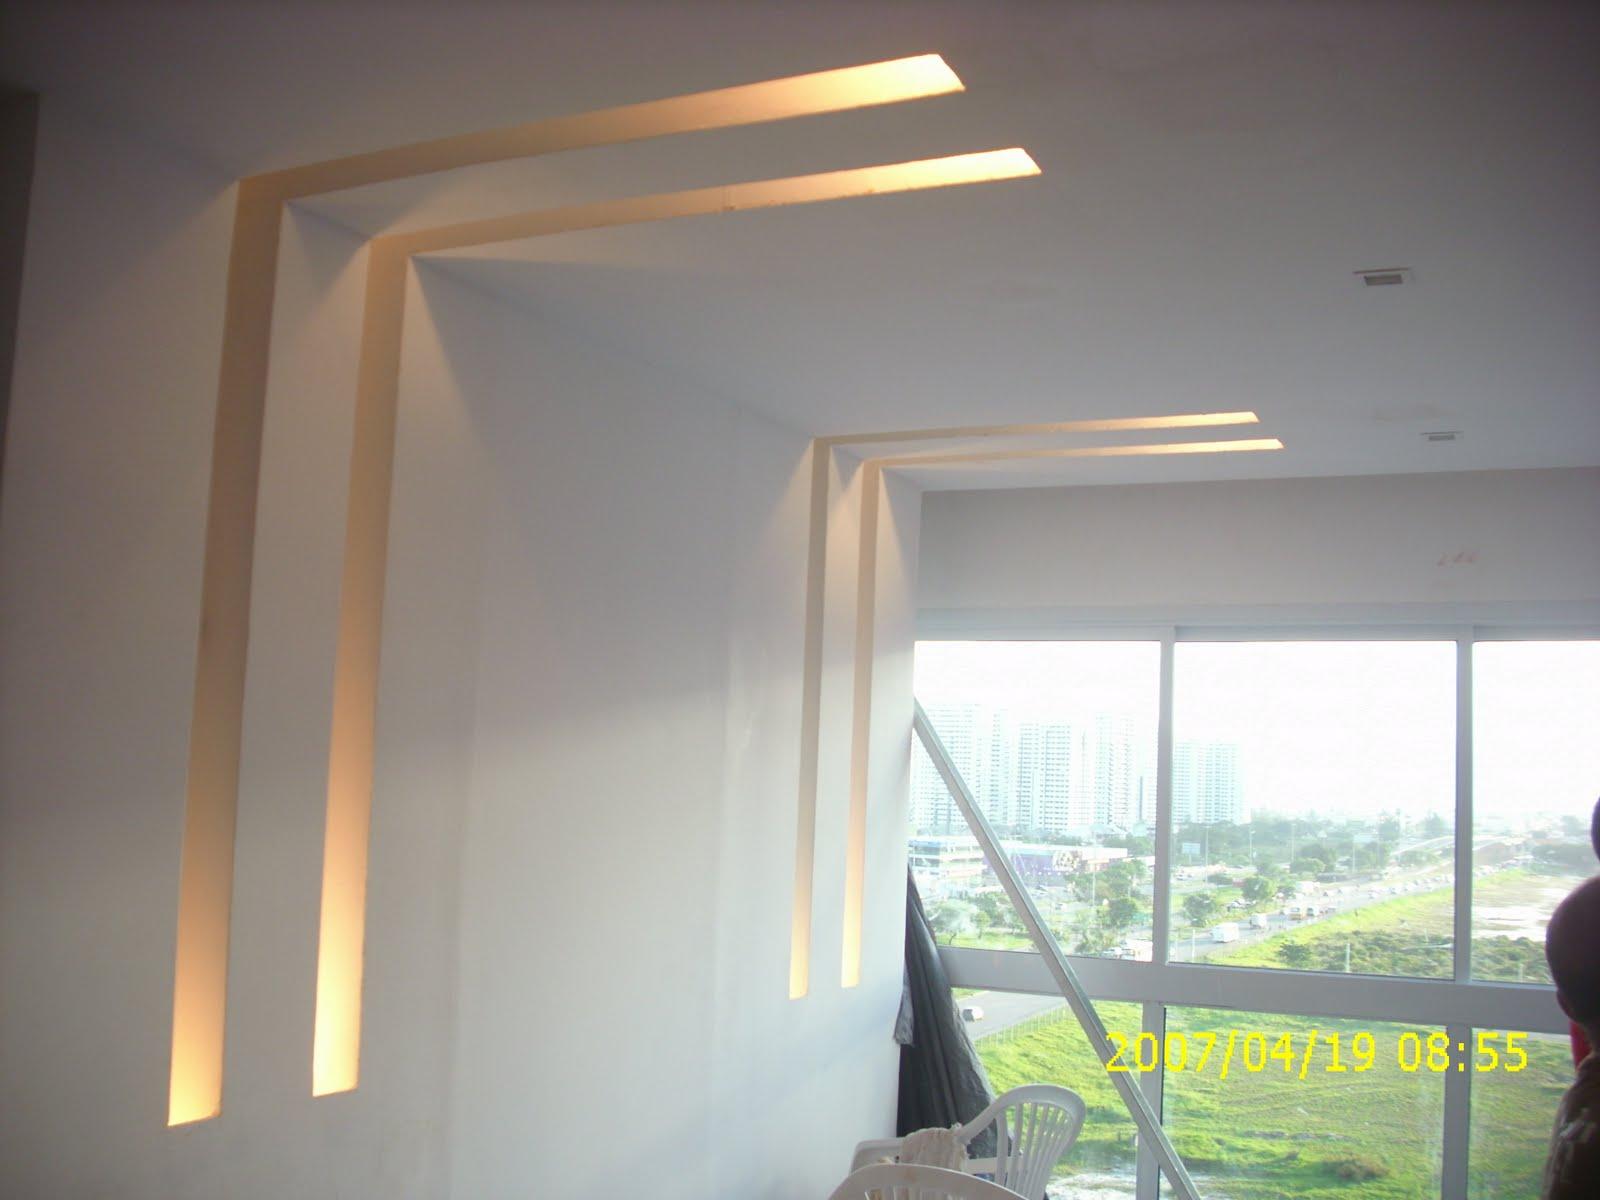 Santa Sanca Decorações em Gesso Drywall e Reformas Residenciais e  #B1B714 1600x1200 Banheiro De Gesso Acartonado